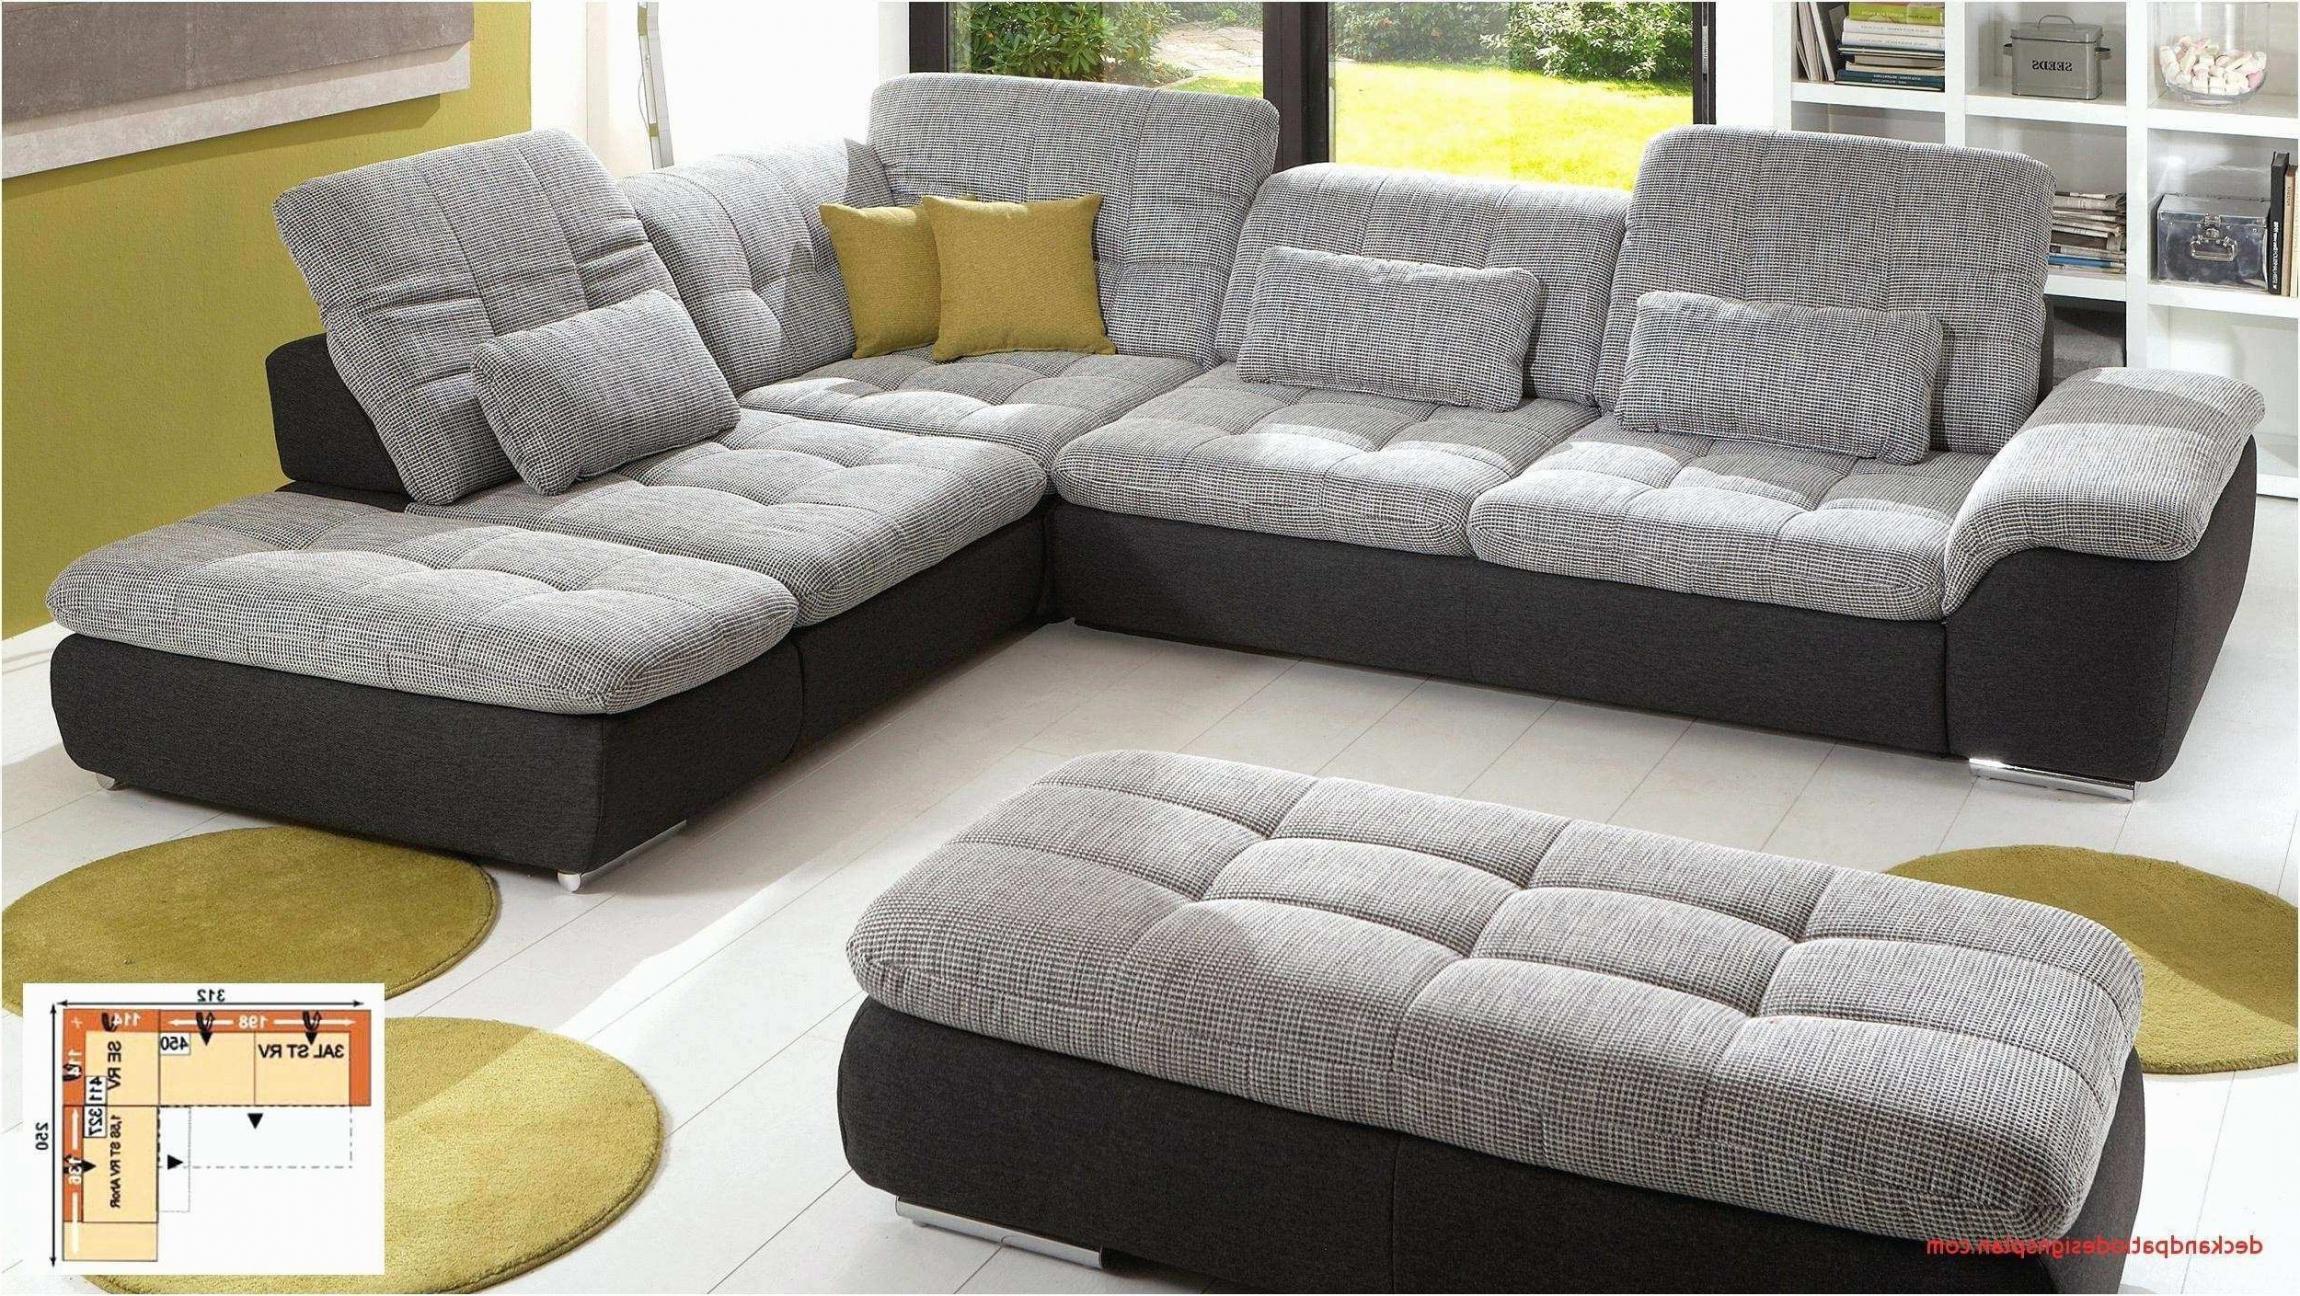 Sofas Segunda Mano Mallorca T8dj Segunda Mano De sofas Maravilloso Metall sofa Frisch